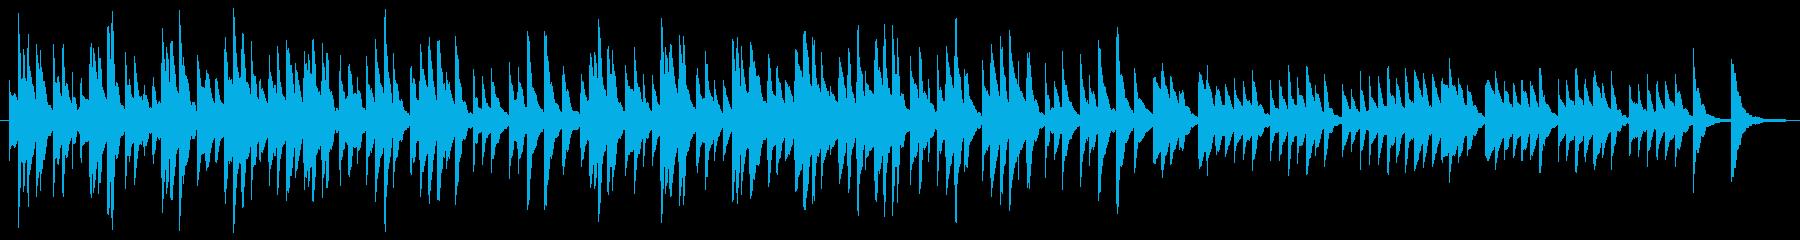 シンプルなオルゴールのショートループの再生済みの波形